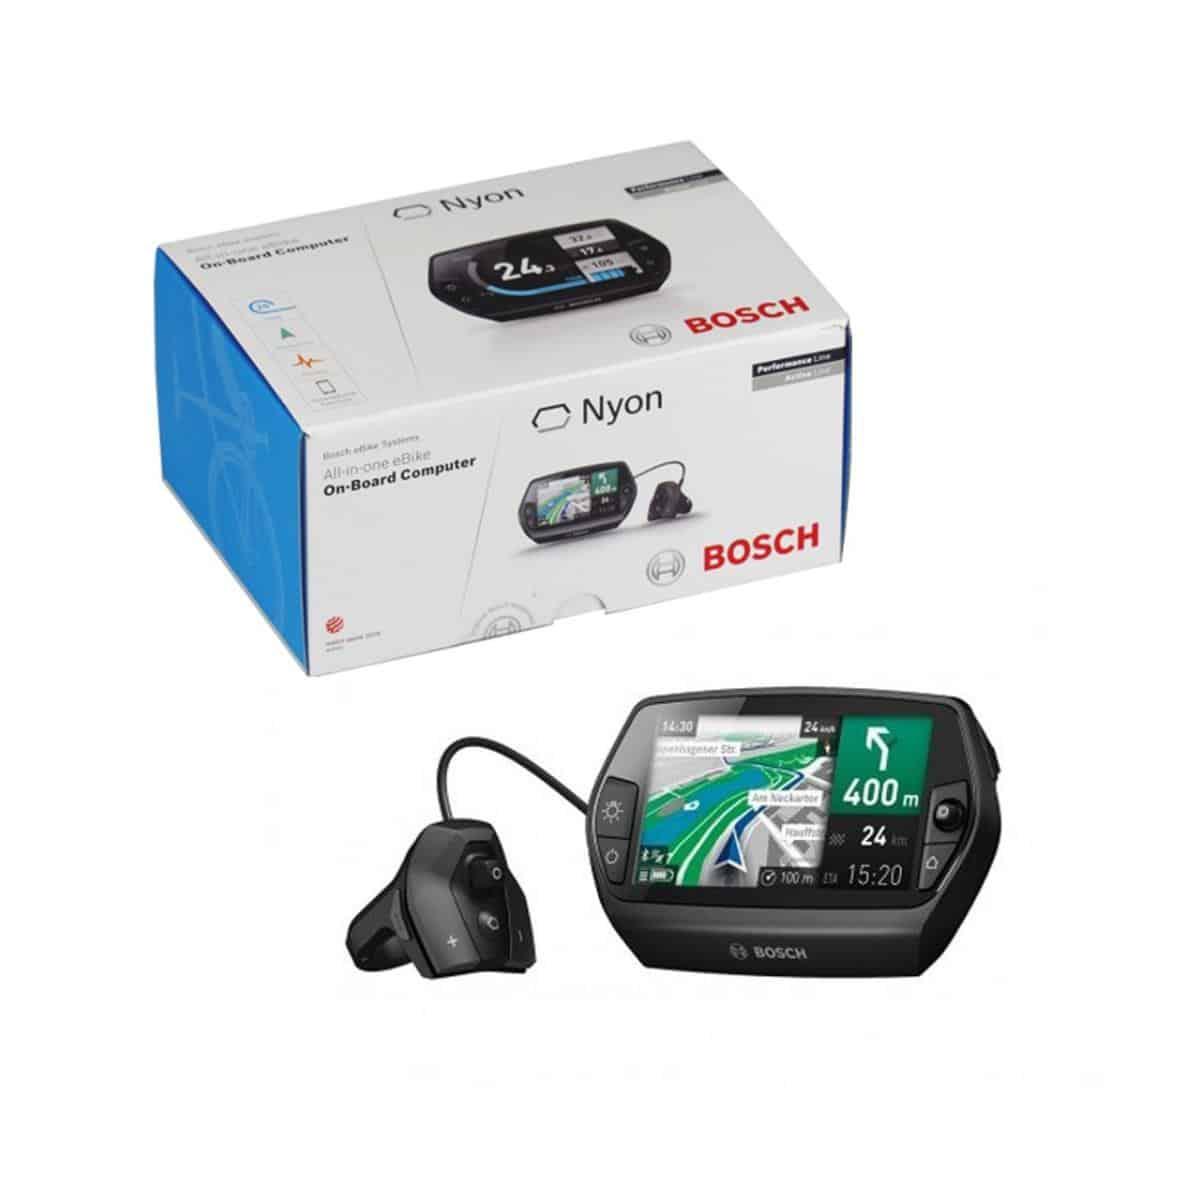 Display Bosch Nyon LCD, ciclocomputer per e-Bike e eMTB. Schermo LCD con visualizzate mappe, colore Antracite.Display Bosch Nyon LCD, ciclocomputer per e-Bike e eMTB. Schermo LCD con visualizzate mappe, colore Antracite.